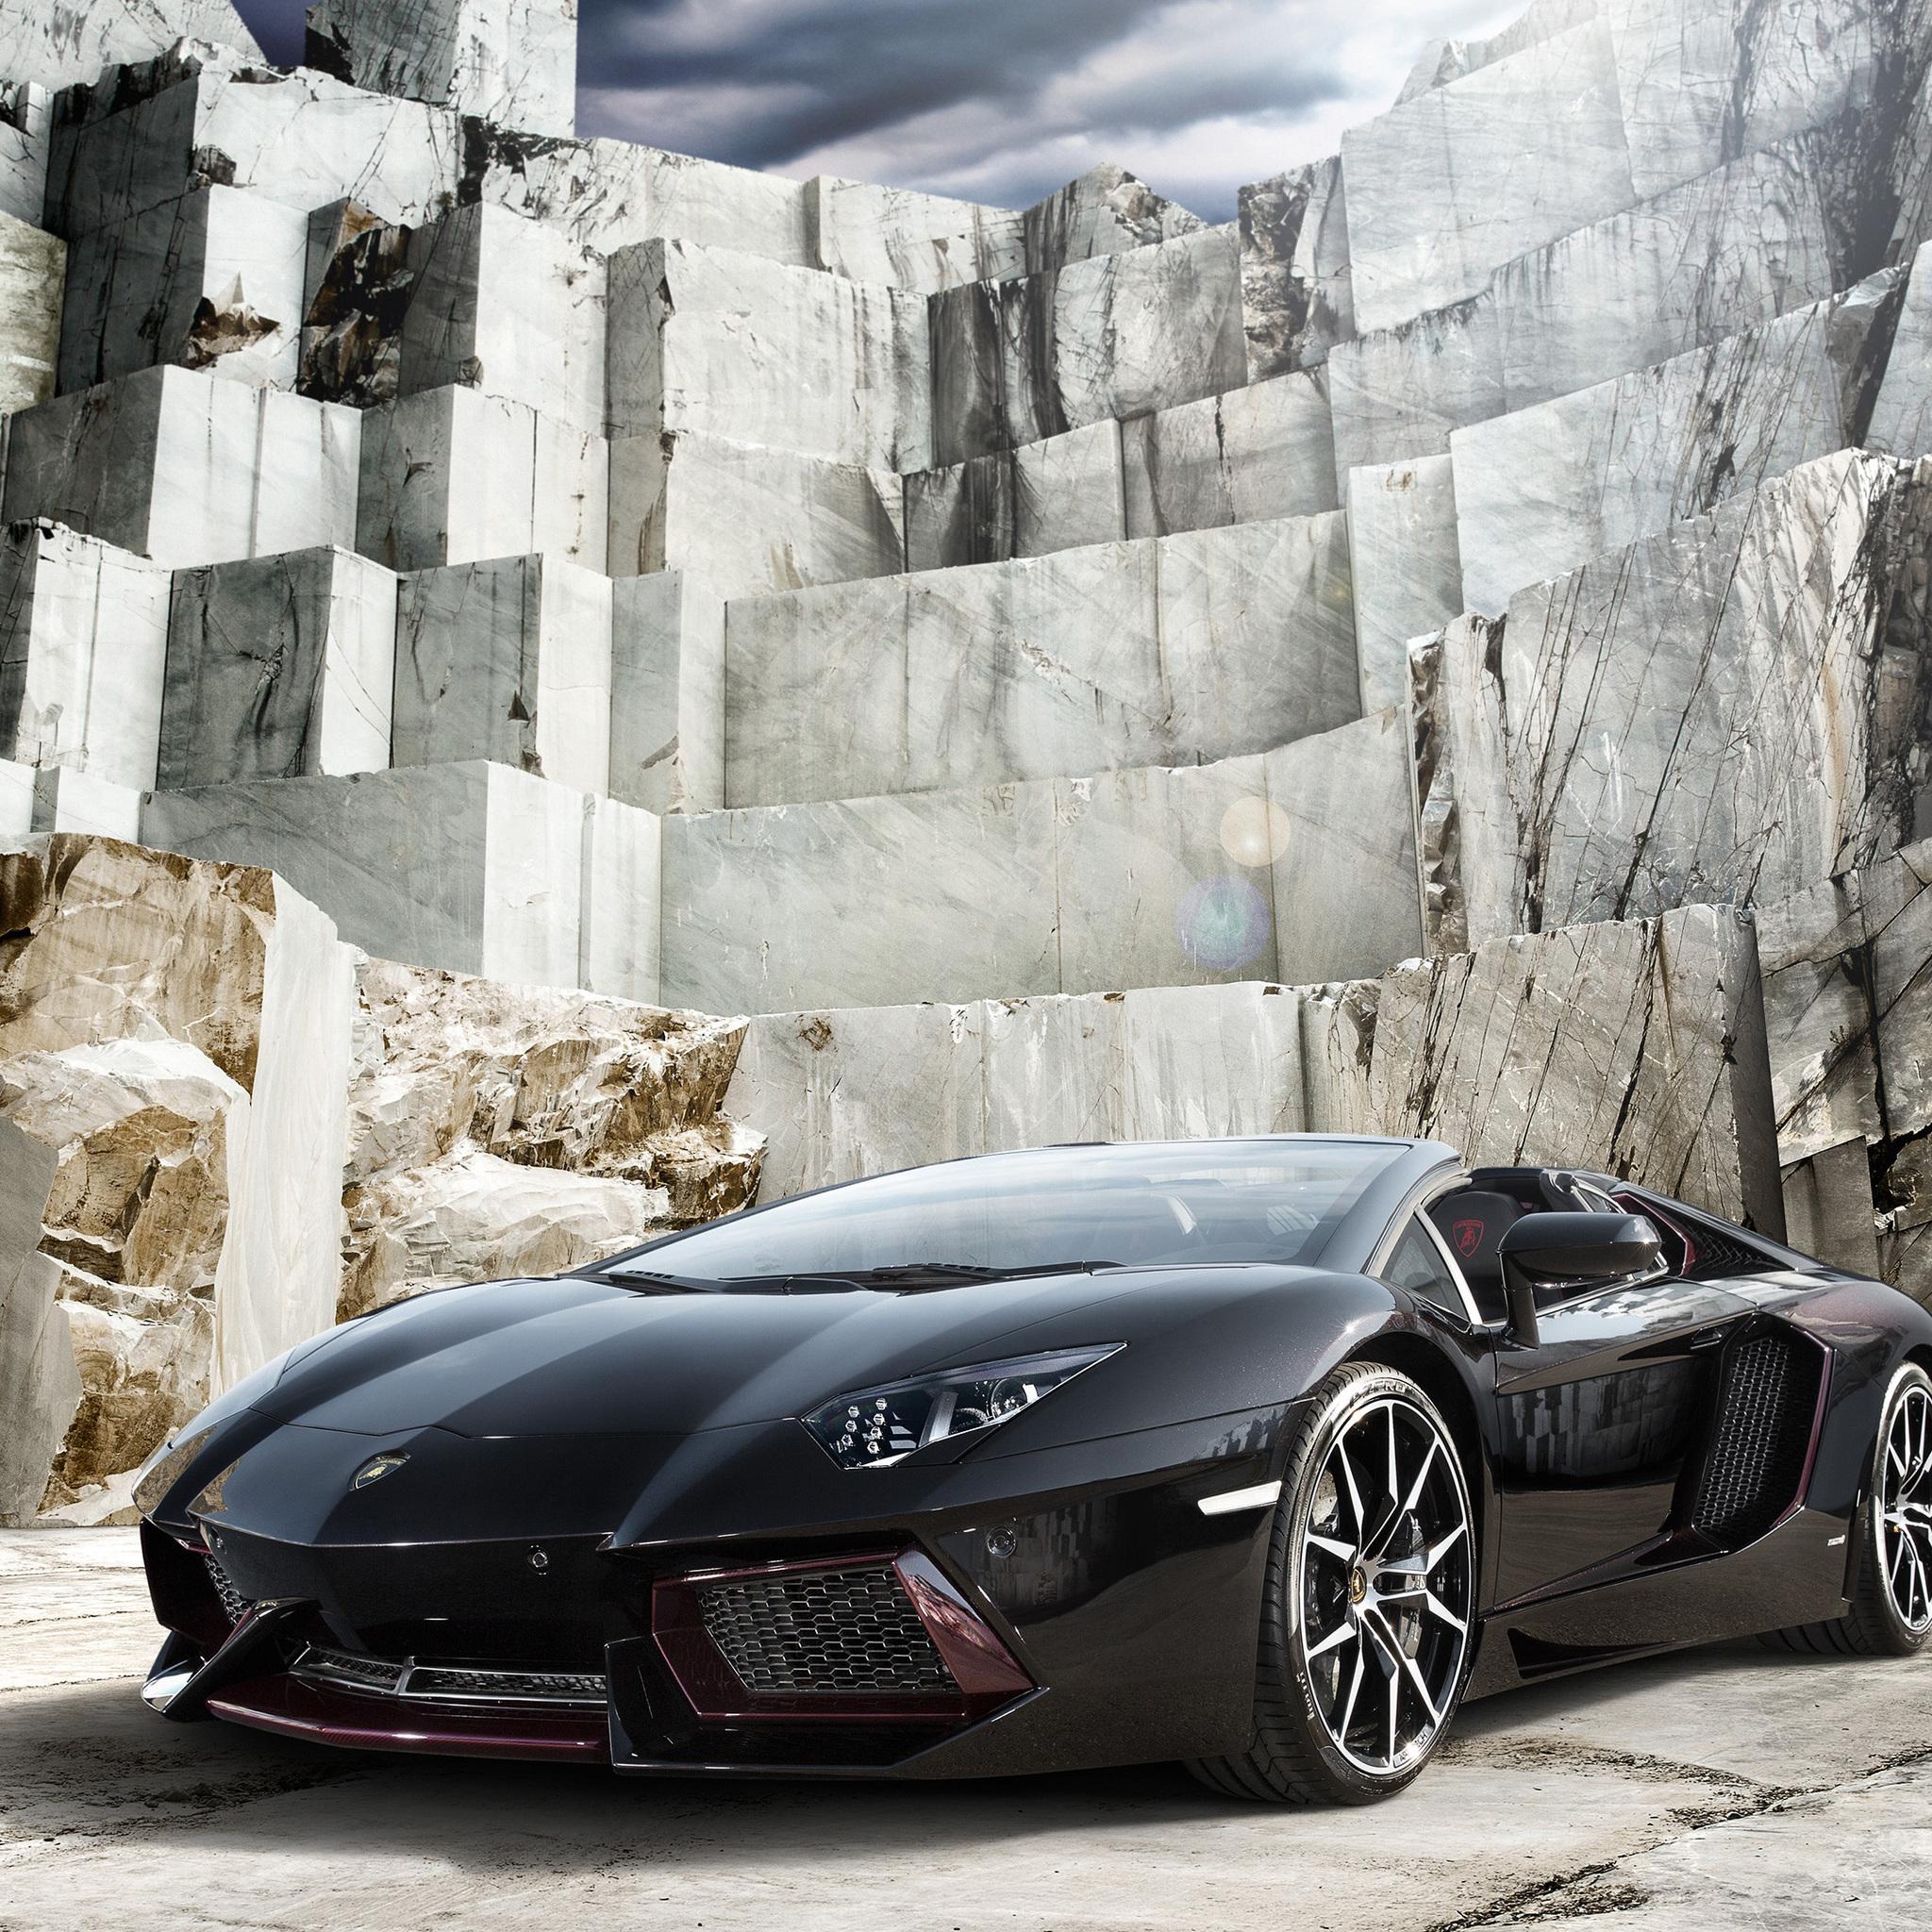 2048x2048 Black Lamborghini Aventador 4k Ipad Air HD 4k ...